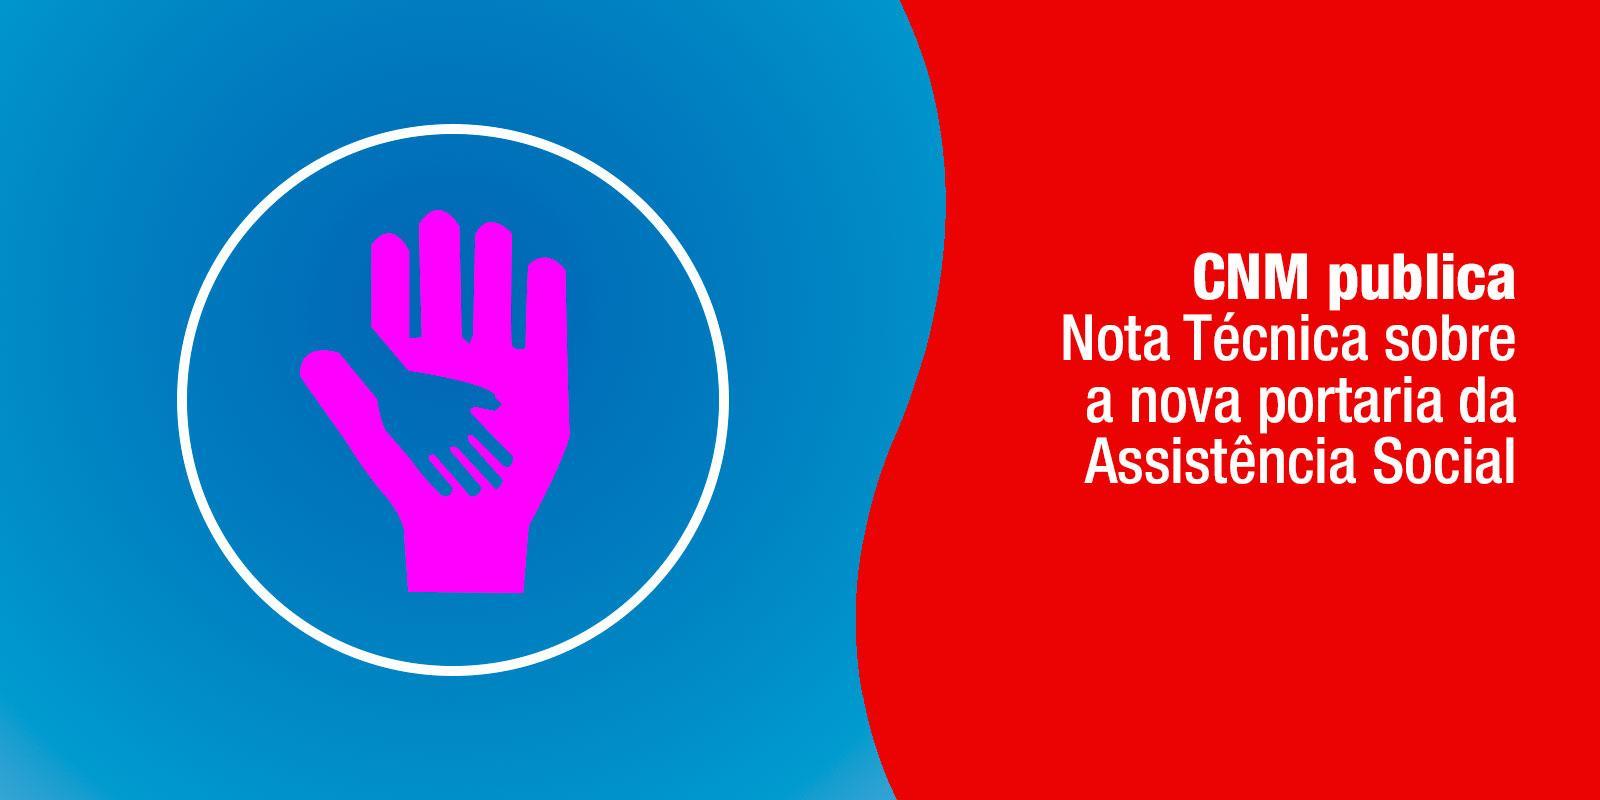 CNM publica Nota Técnica sobre a nova portaria da Assistência Social